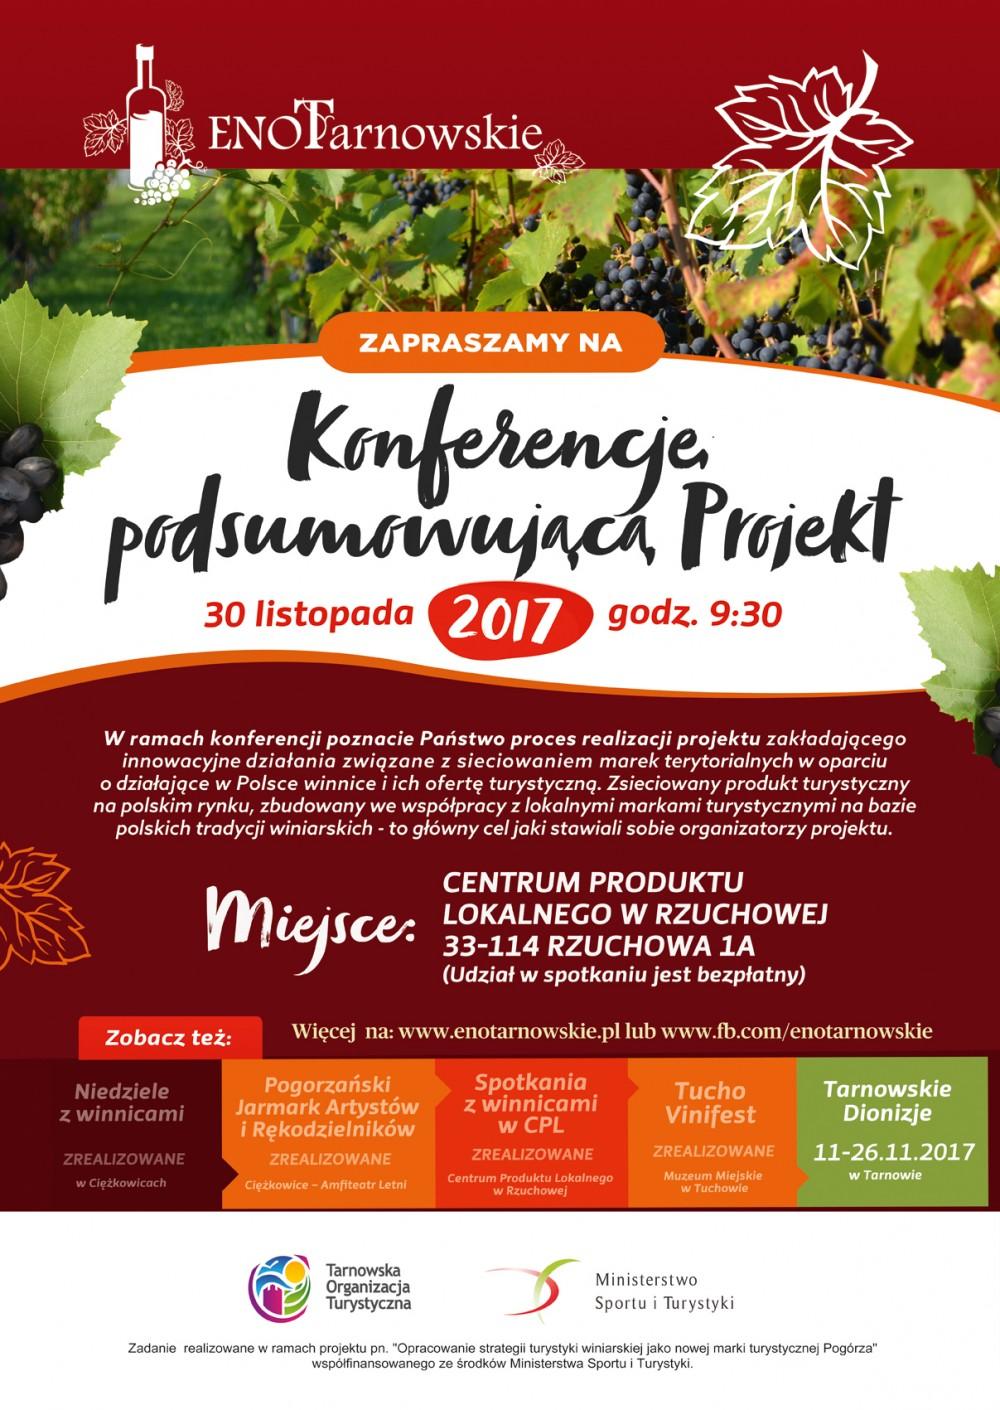 Konferencja podsumowująca projekt _Opracowanie strategii turystyki winiarskiej jako nowej marki Pogórza